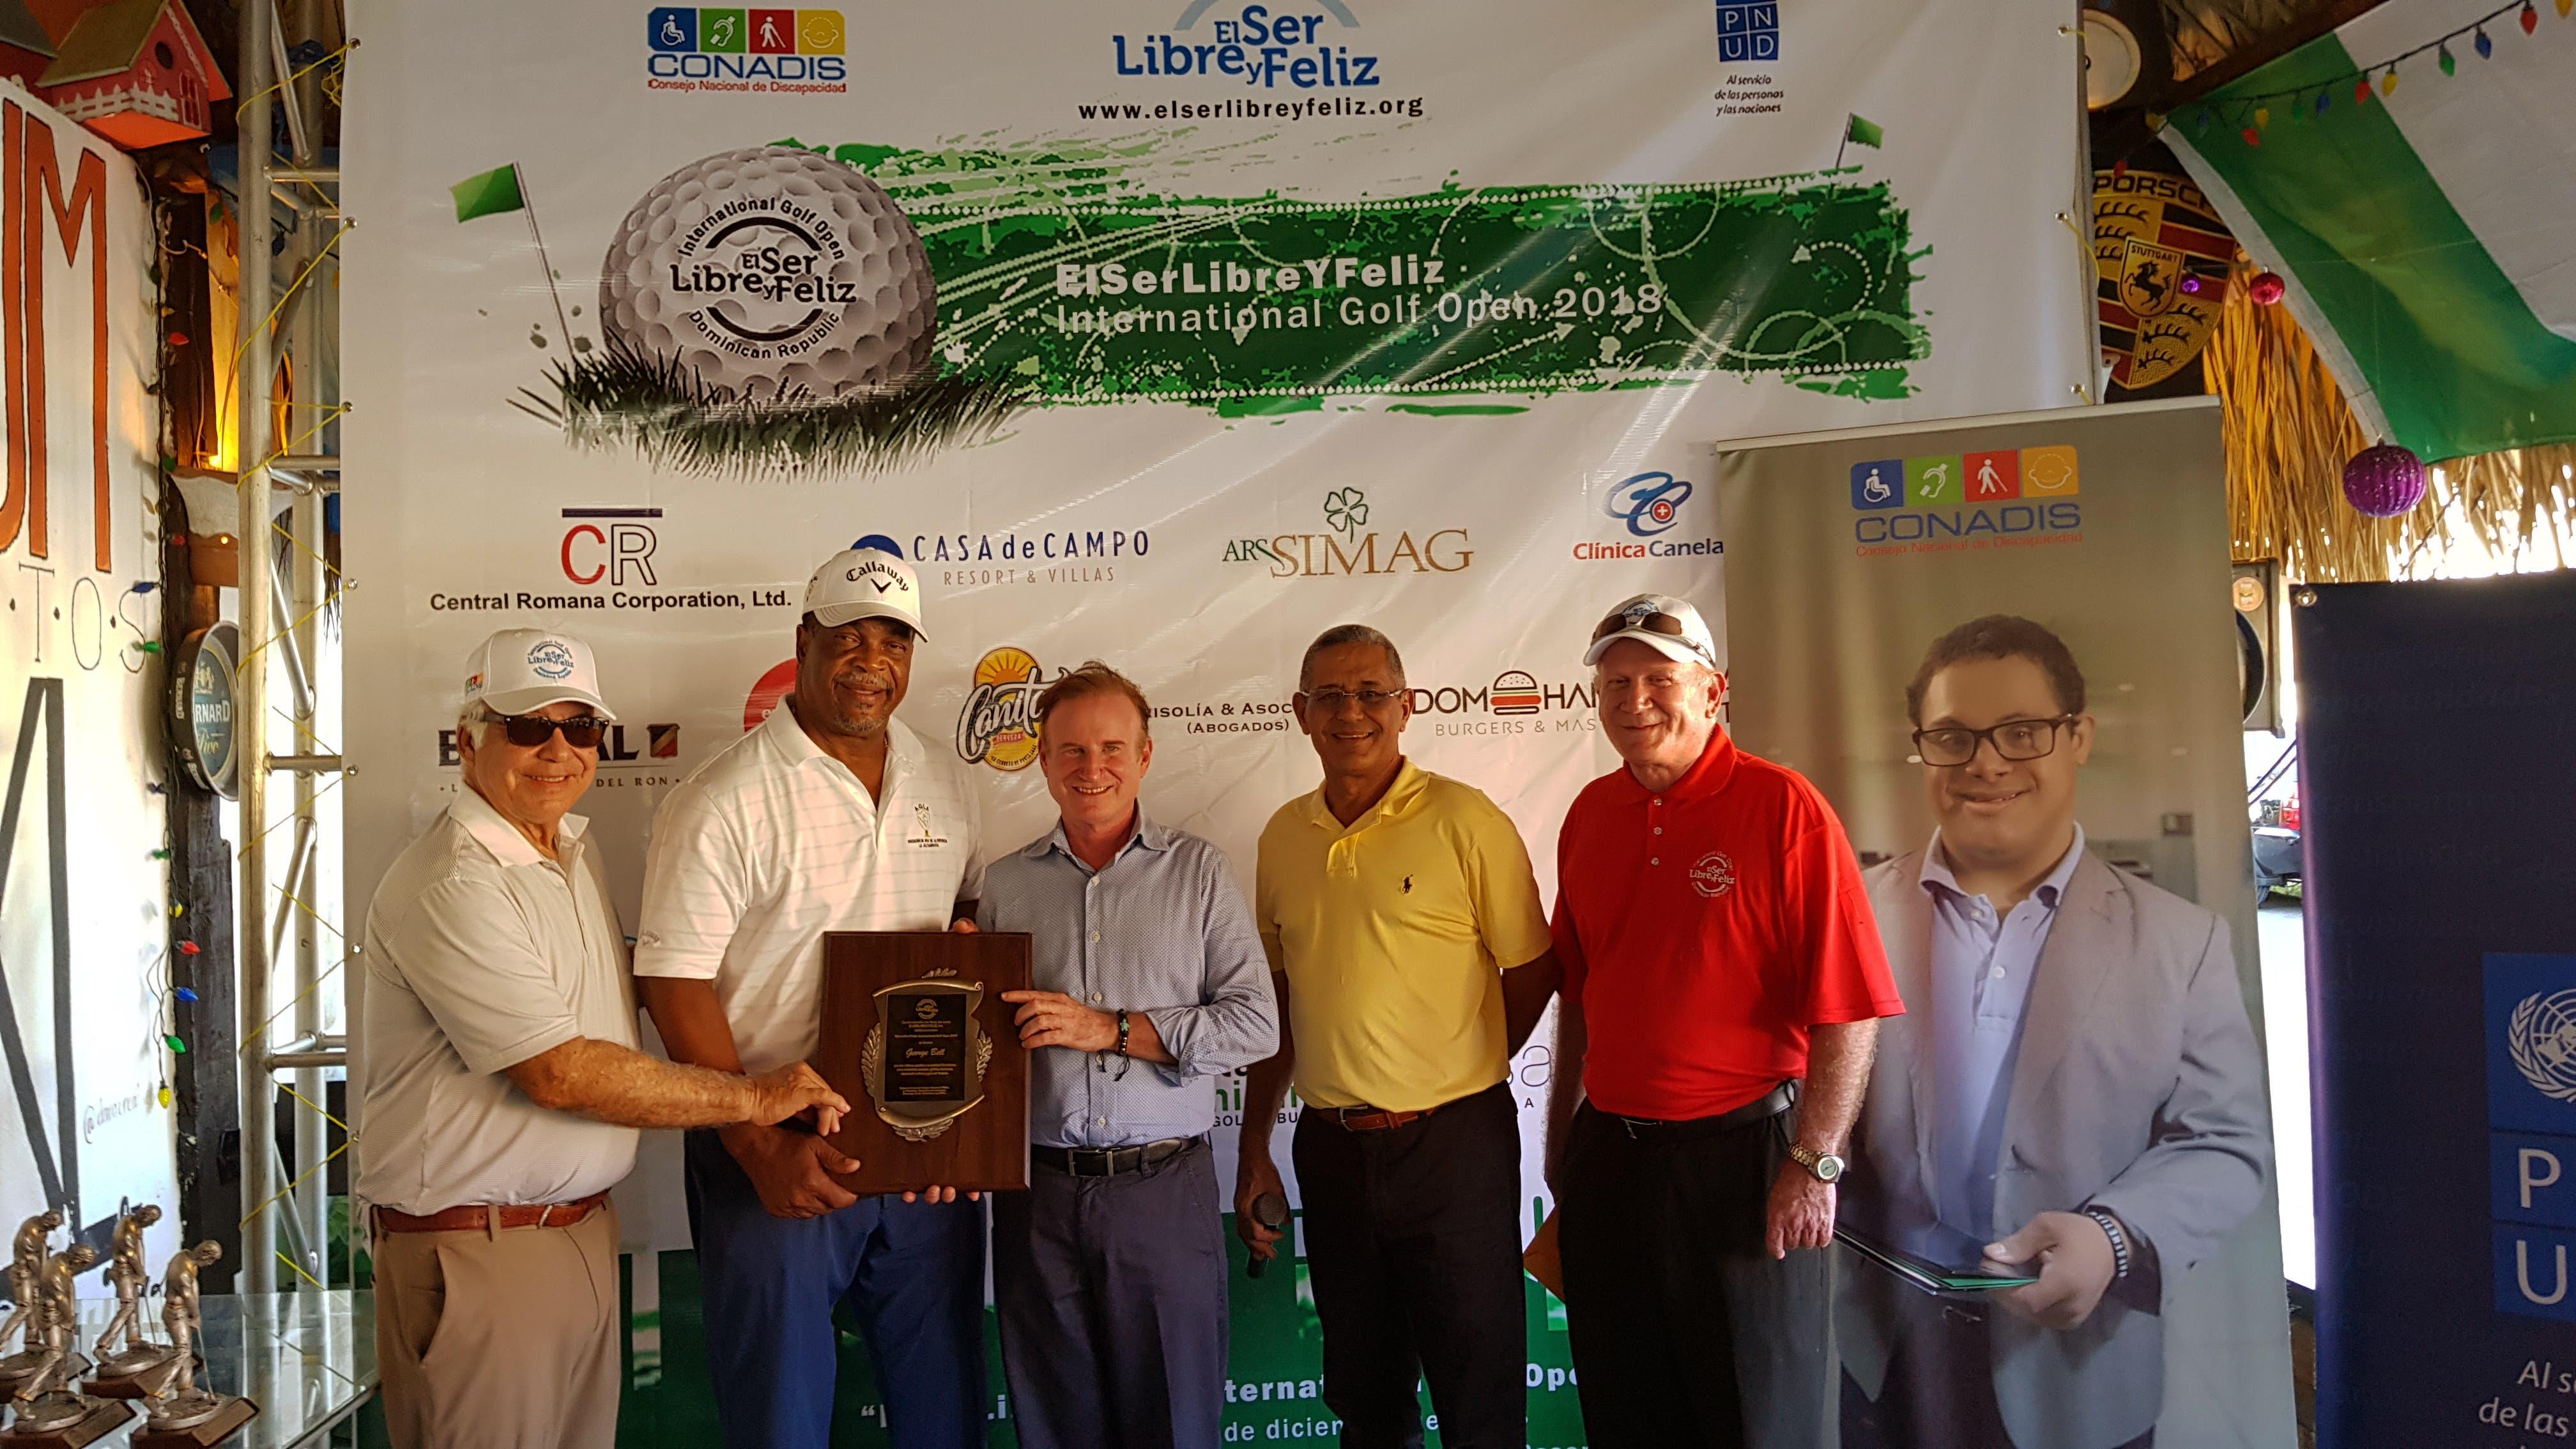 Sampson se corona campeón en  «ElSerLibreYFeliz Internacional Golf Open 2018»